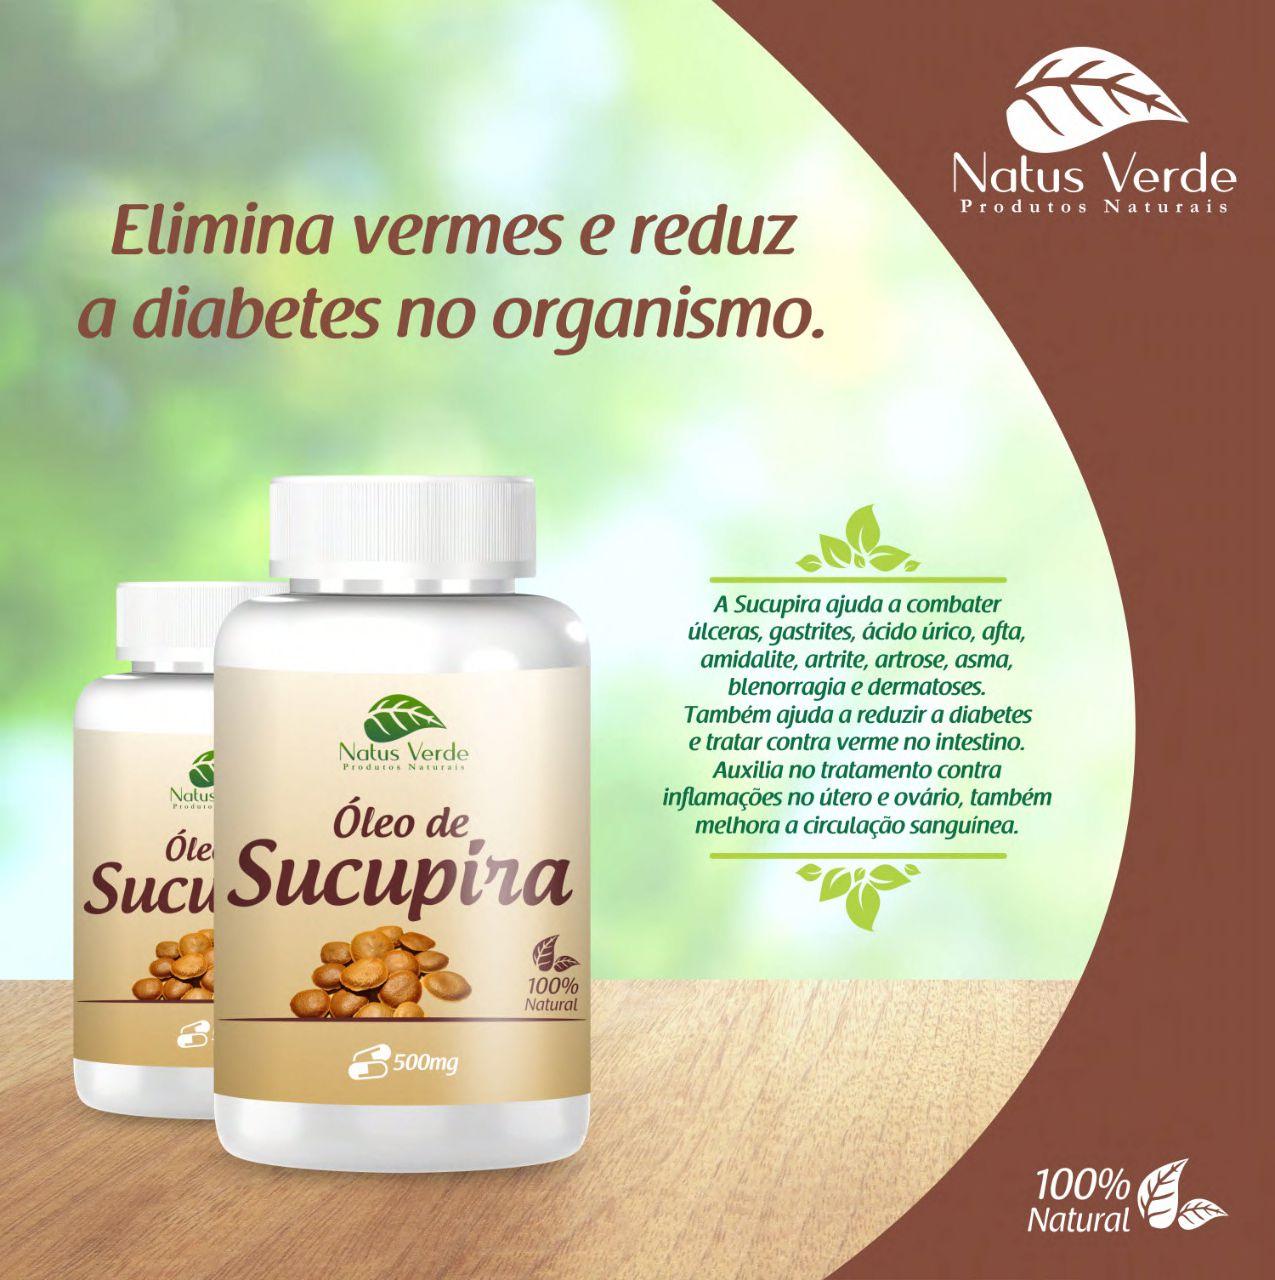 Óleo de Sucupira Produto natural 60 Caps Natus Verde  - Fribasex - Fabricasex.com